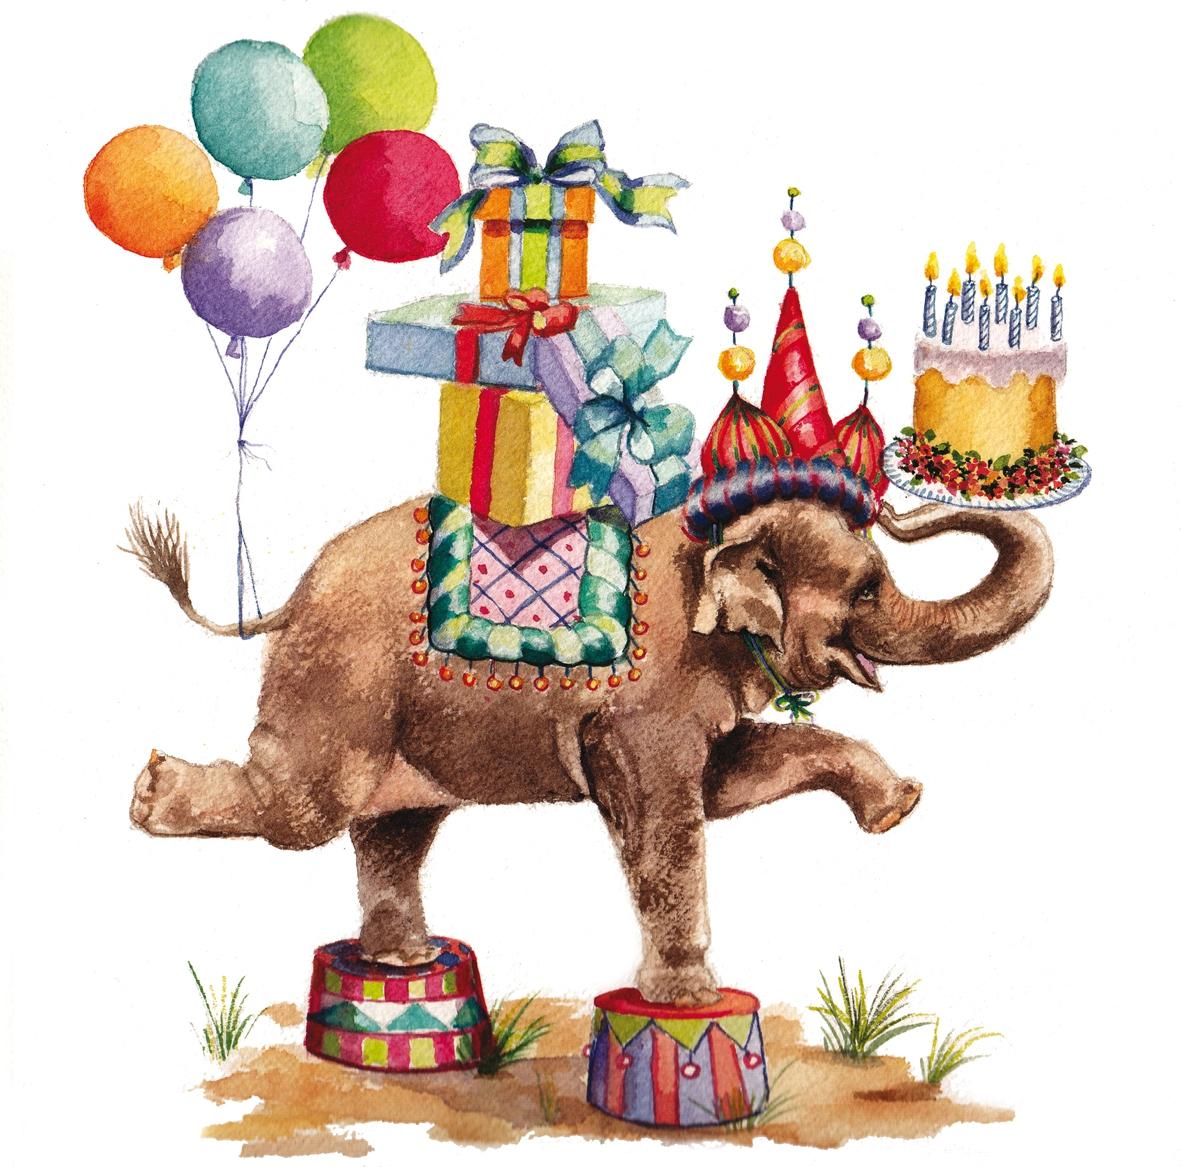 Lunch Servietten Jumbo Birthday white ,  Tiere - Elefanten,  Ereignisse - Geburtstag,  Everyday,  lunchservietten,  Geburtstag,  Geschenke